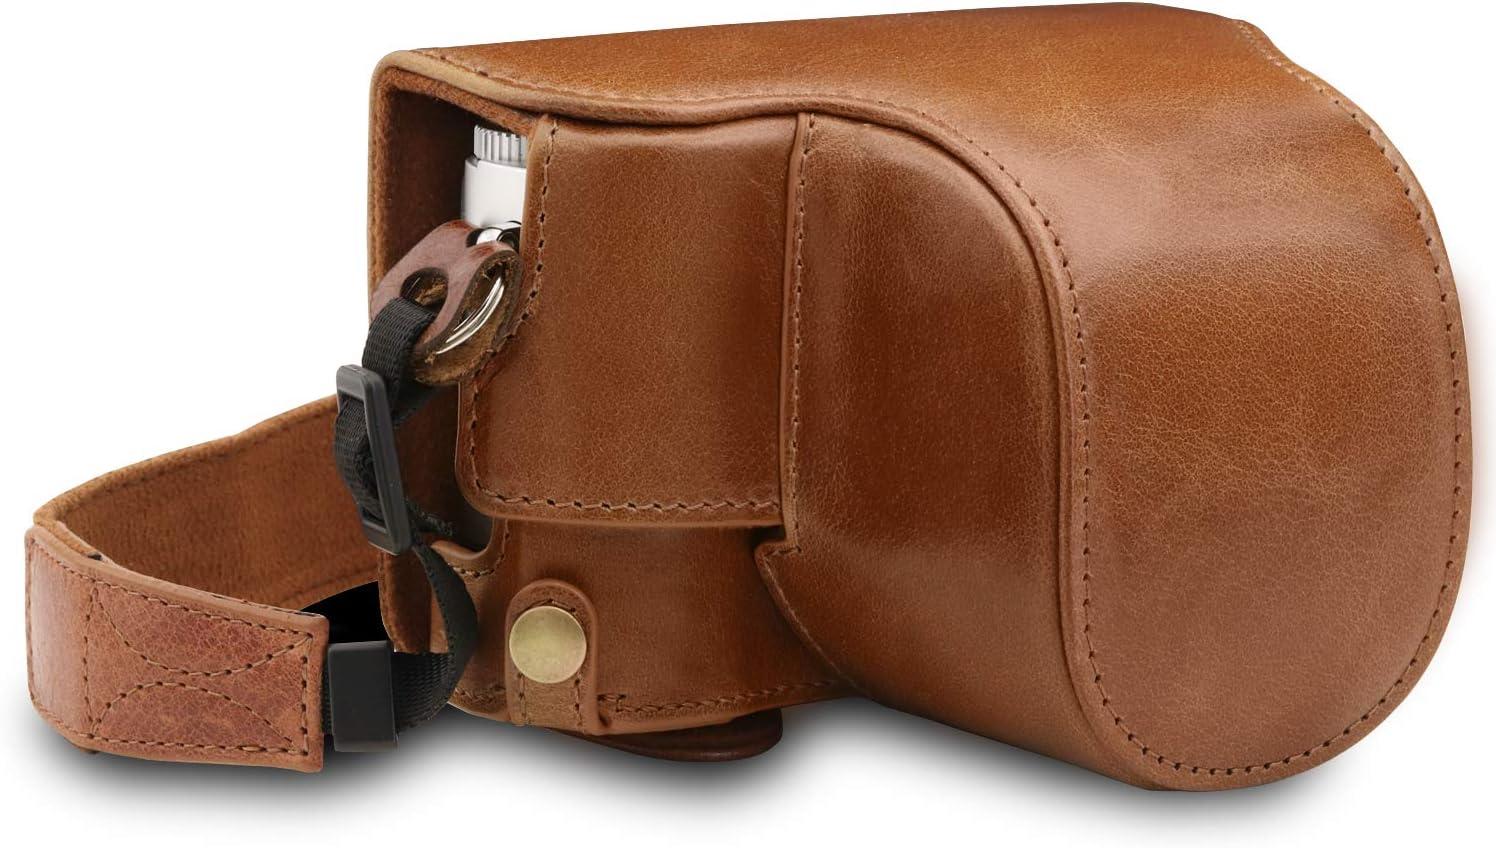 MegaGear Estuche Ever Ready, Funda de Pronto Uso de Cuero auténtico, con Correa Compatible con Leica D-Lux 7